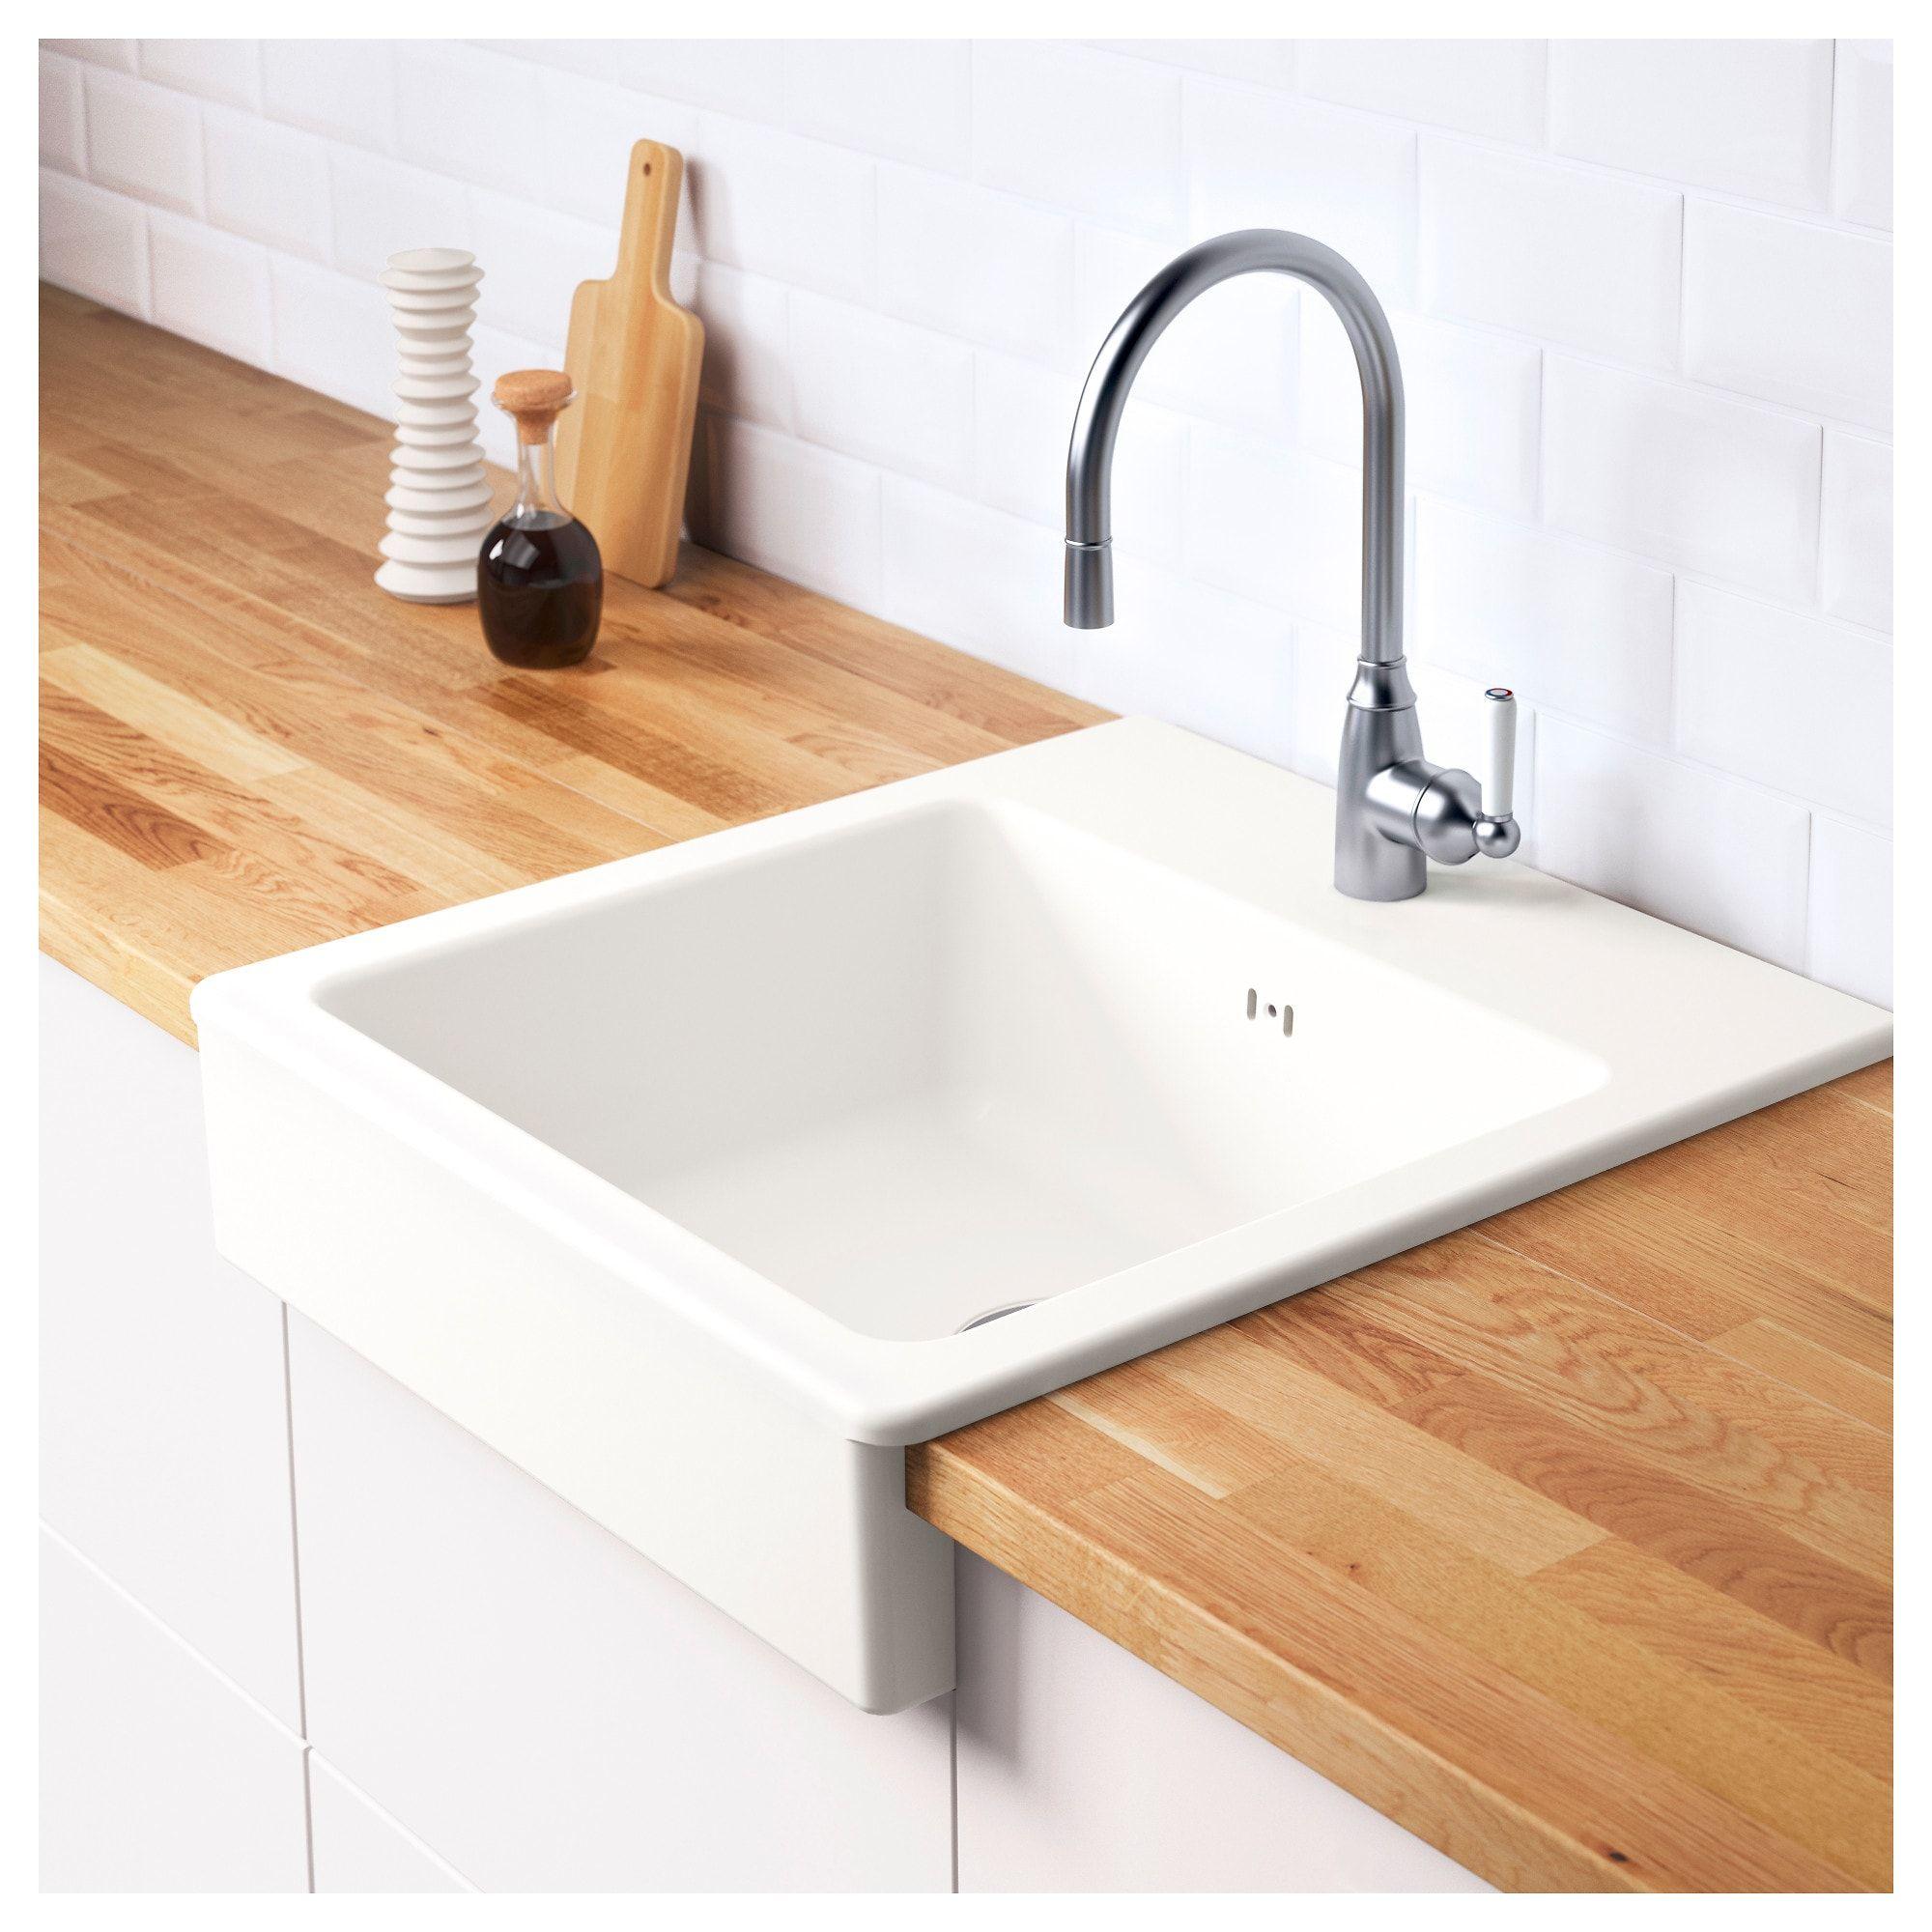 Mobilier Et Decoration Interieur Et Exterieur Evier Ikea Evier Cuisine Ikea Evier Cuisine